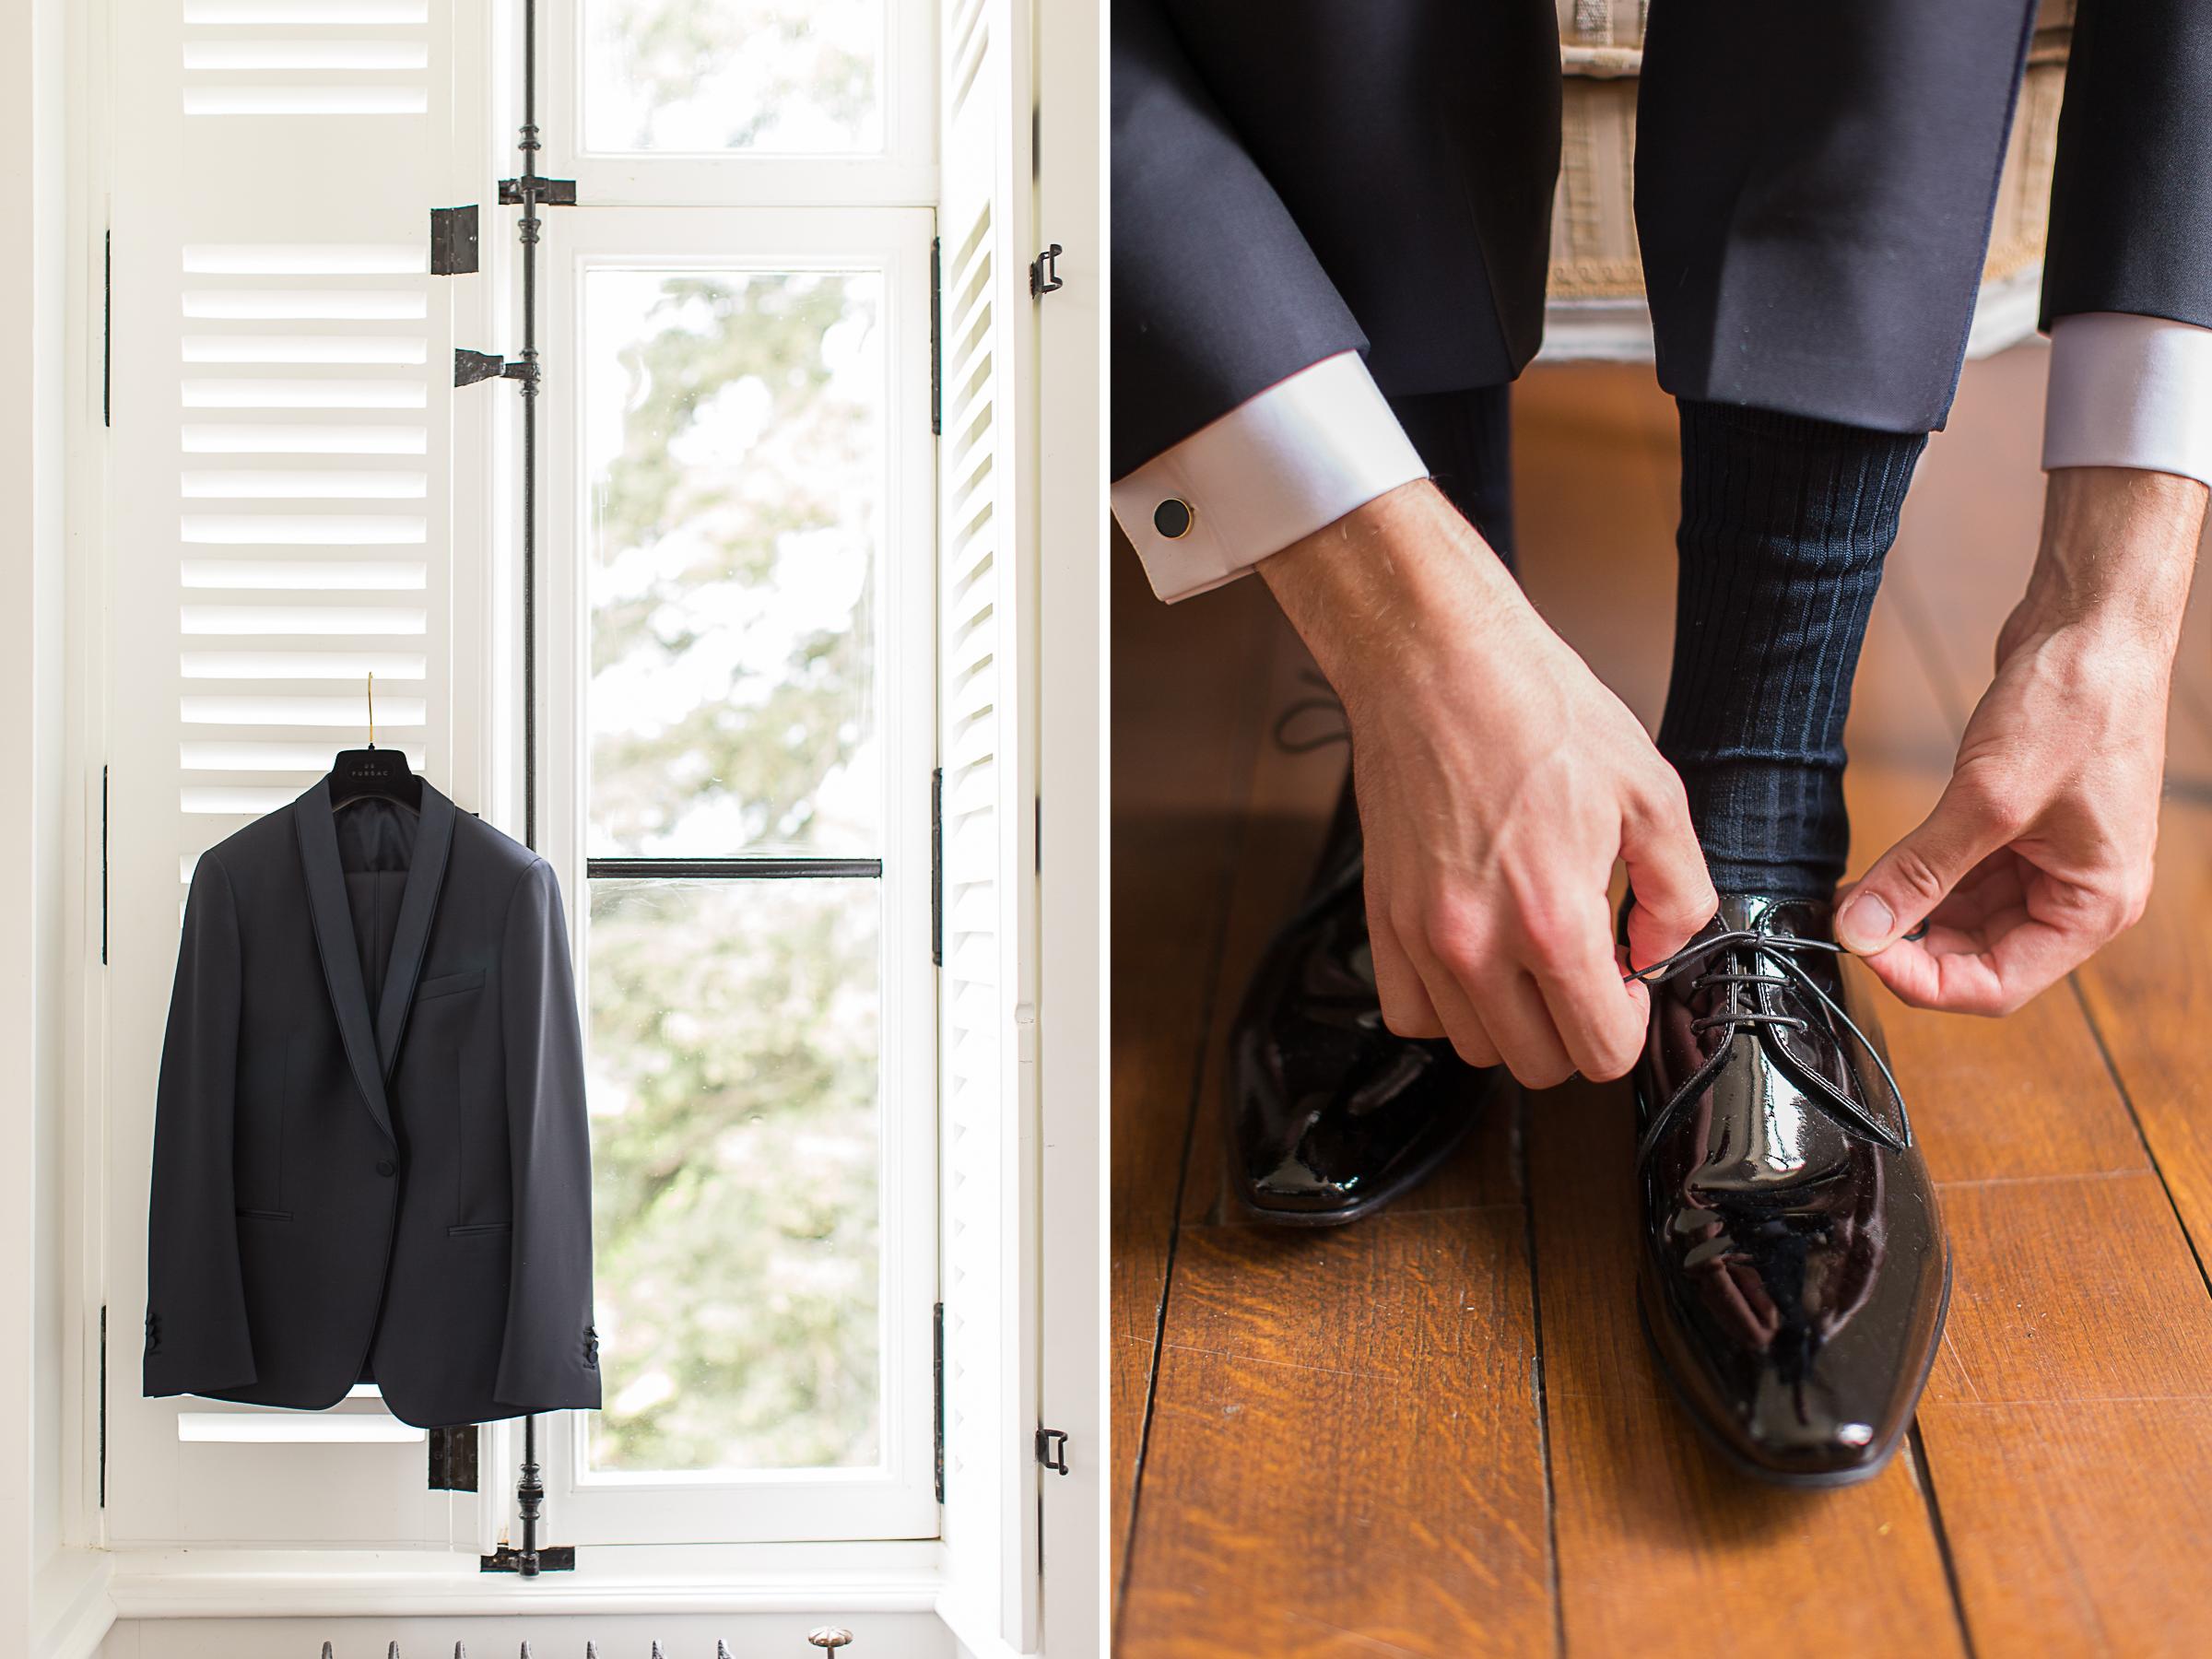 veste et chaussures du marié